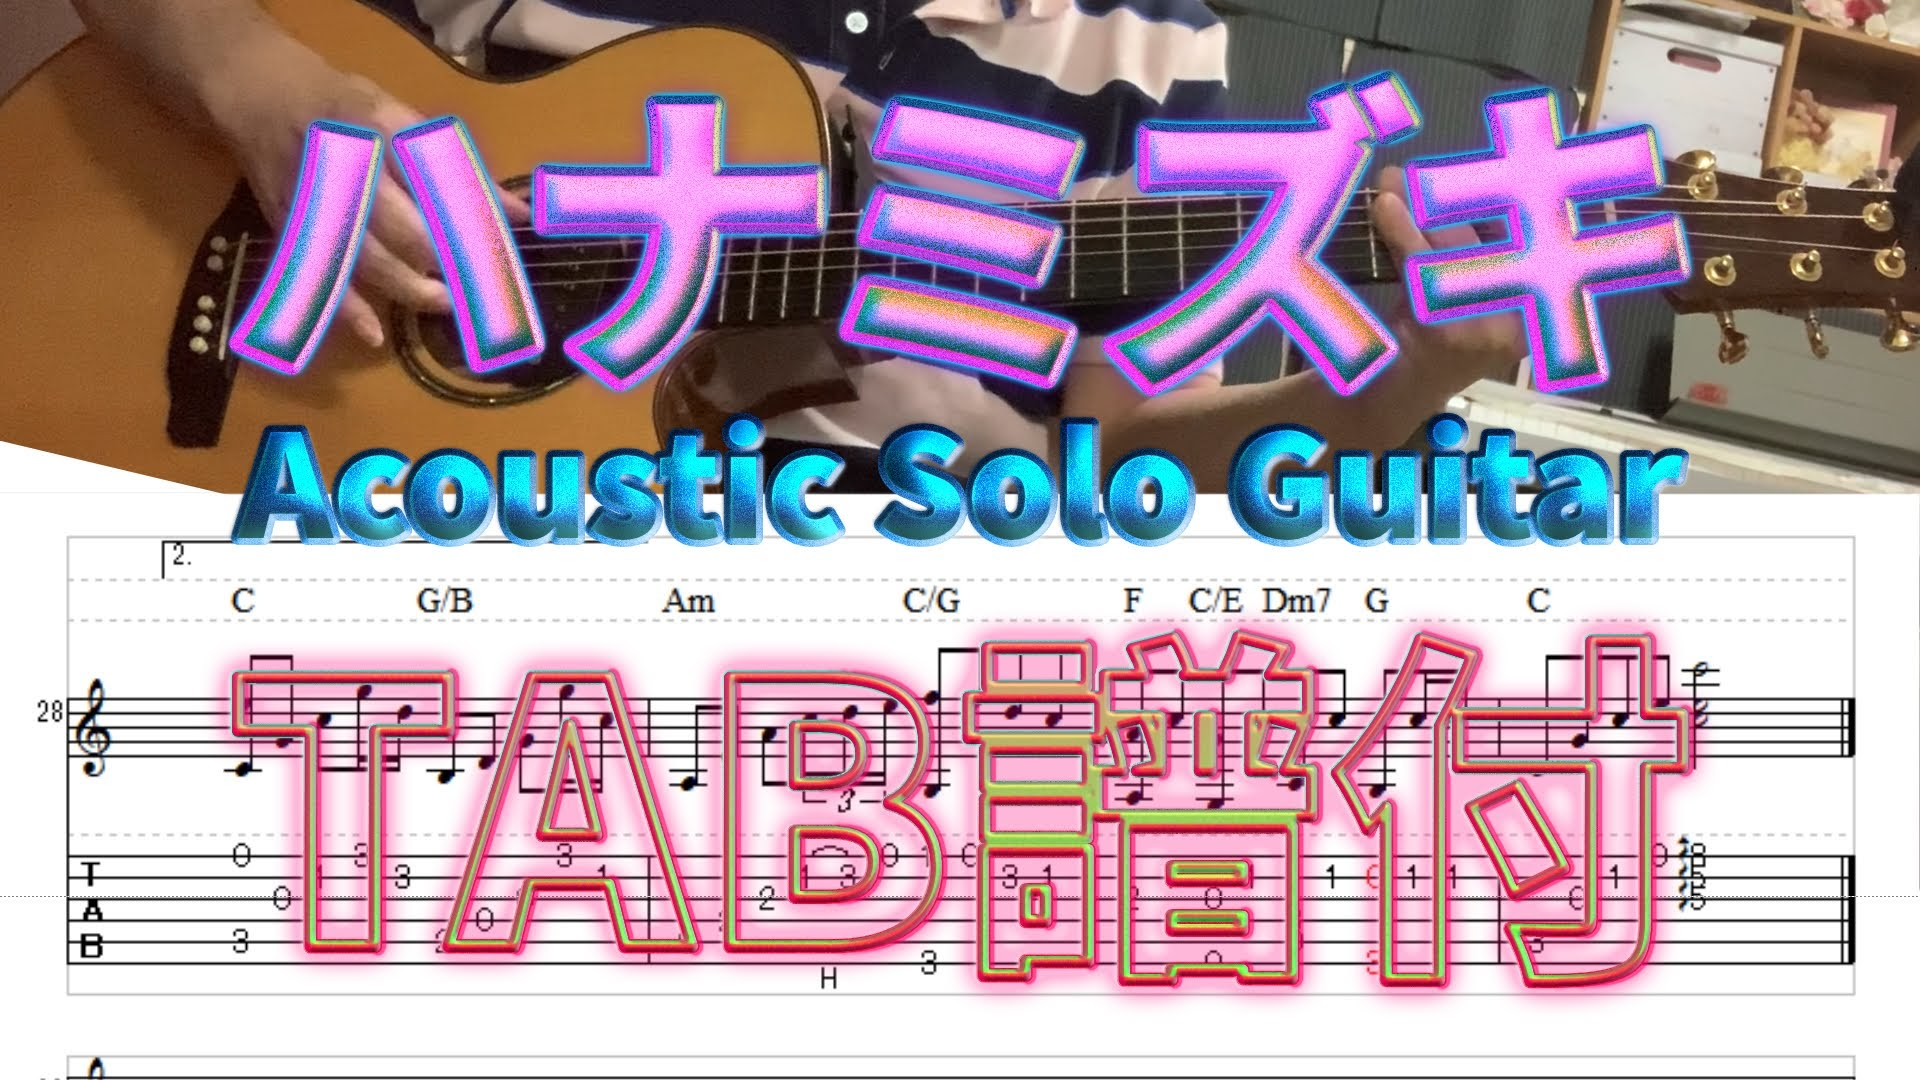 ハナミズキ - Acoustic Solo Guitar - TAB譜付き!